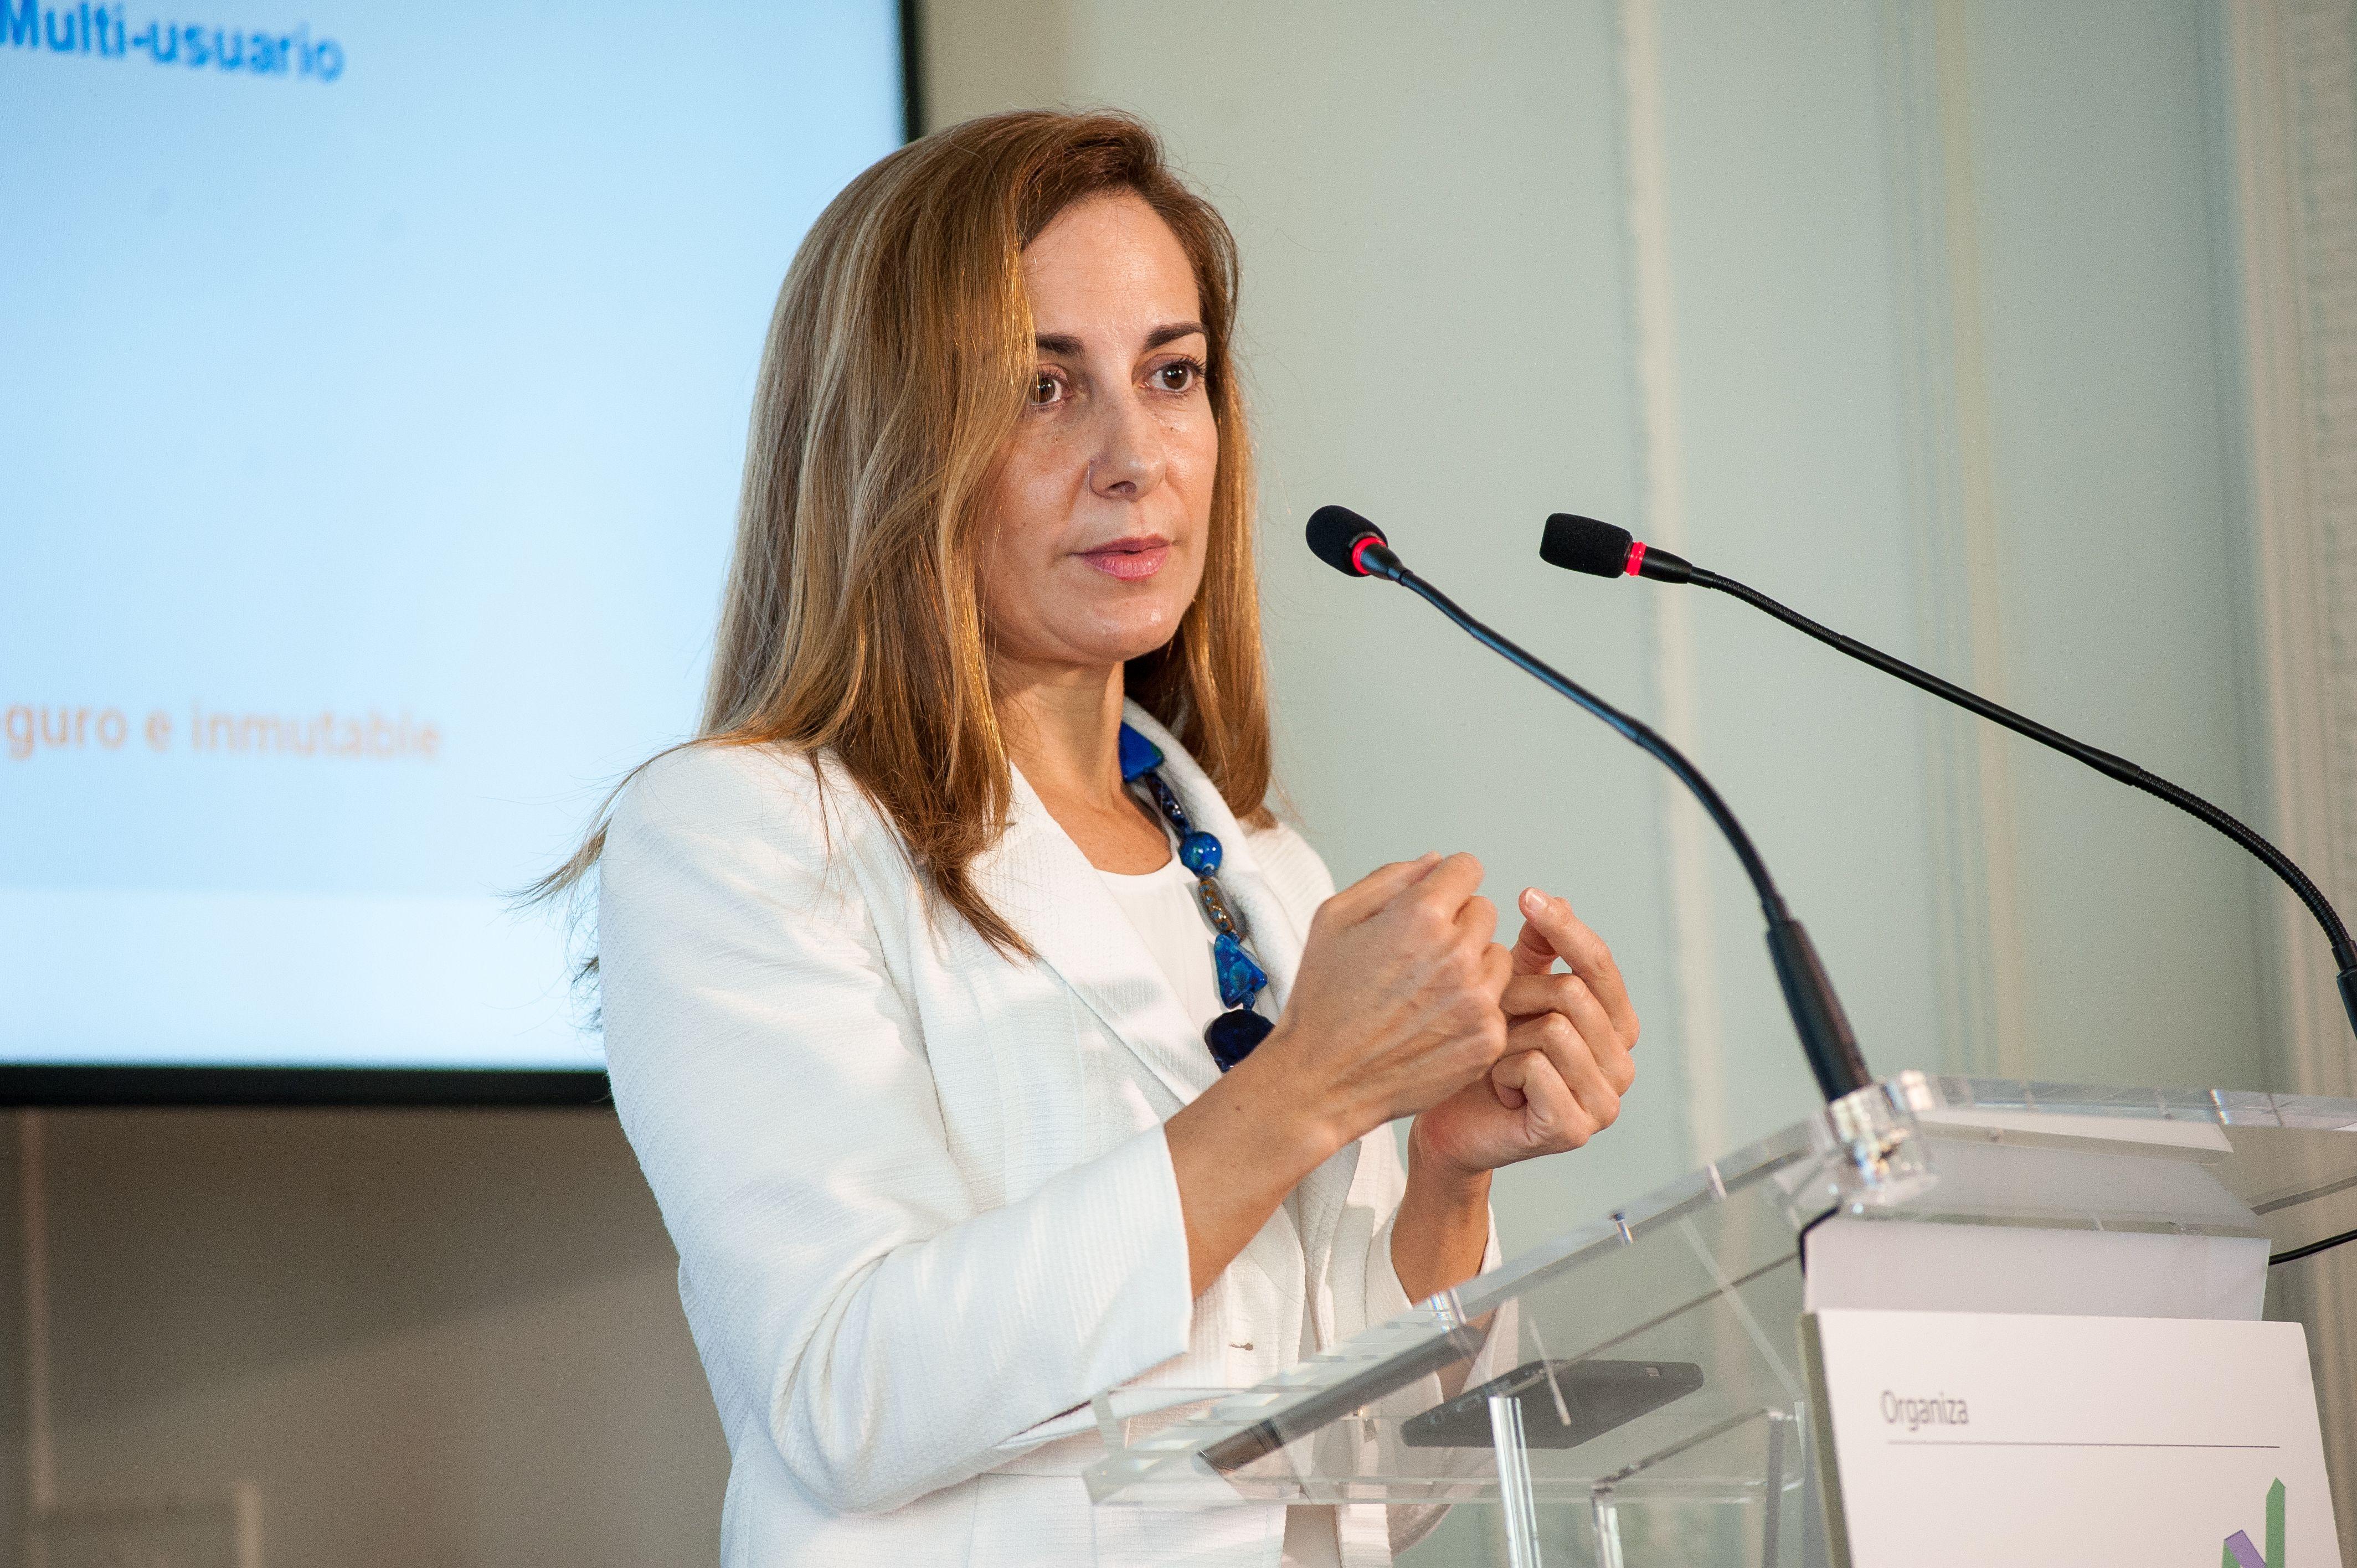 Alicia Pertusa, Responsable de Estrategia y Blockchain en Customer Solutions de BBVA, durante su intervención en el Curso de Economía organizado por la APIE en la Universidad de Santander.